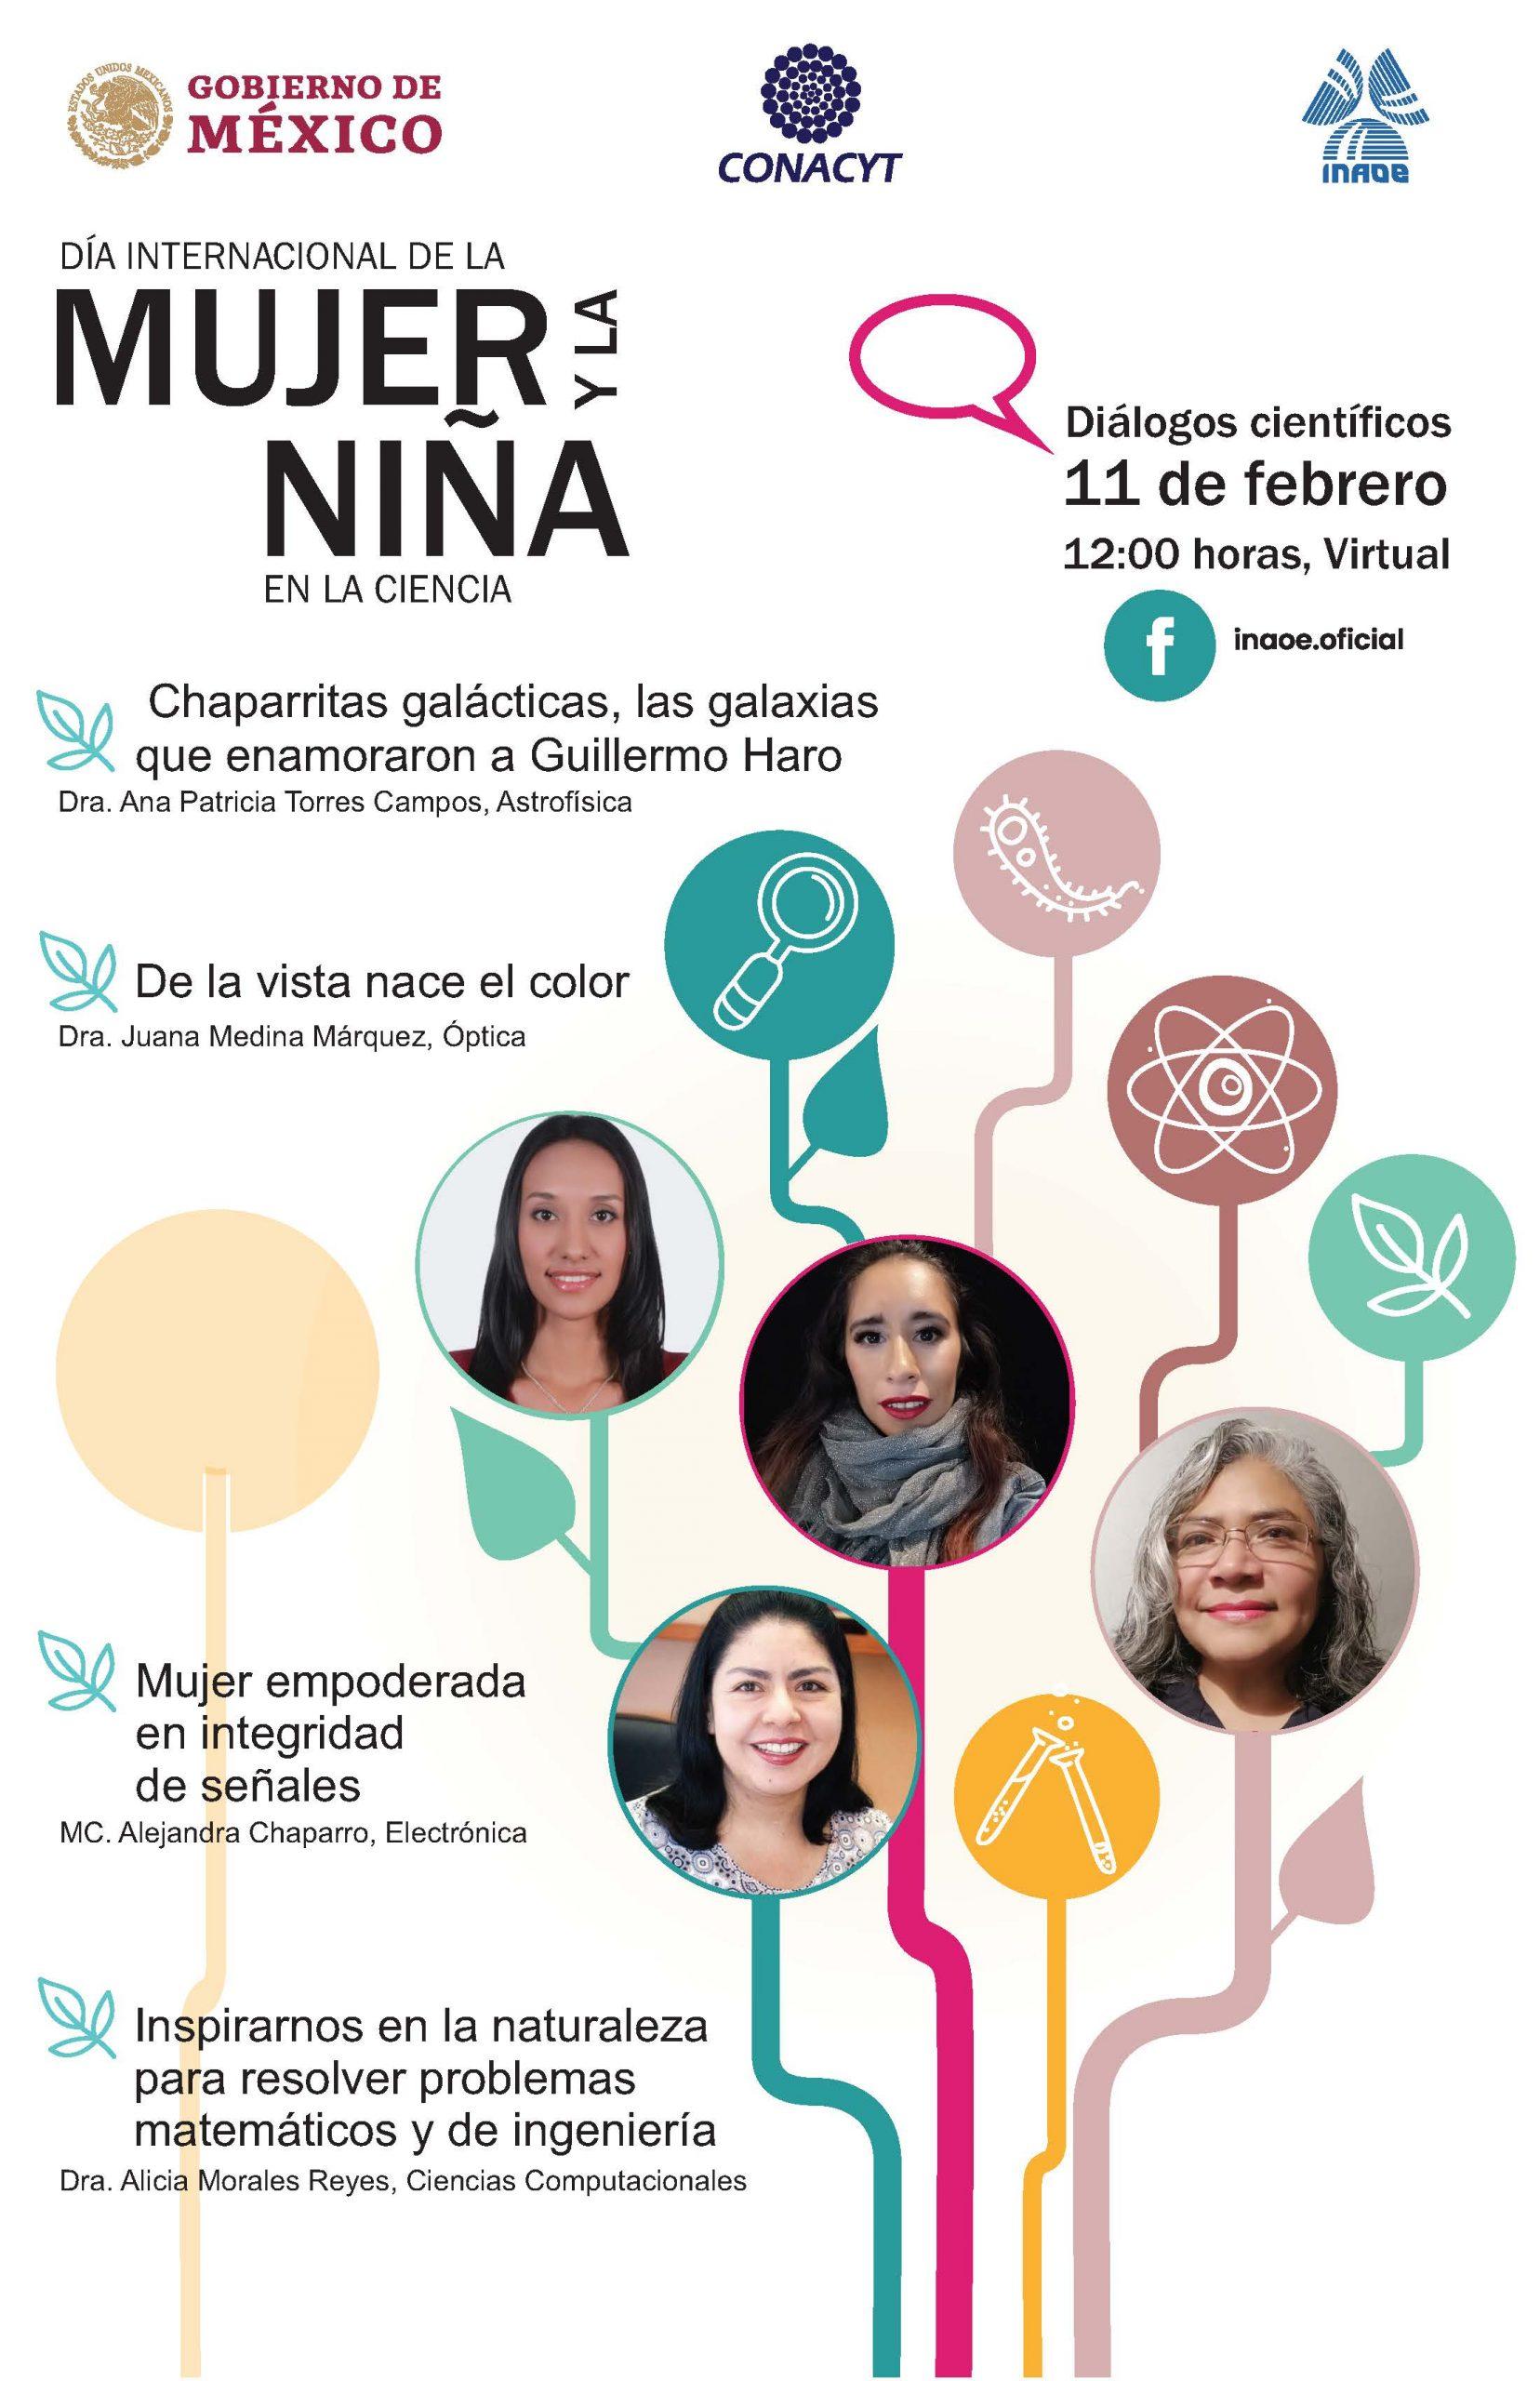 Con actividades en línea, el 11 de febrero se reconocerá el rol crítico de las mujeres y niñas en la ciencia y la tecnología